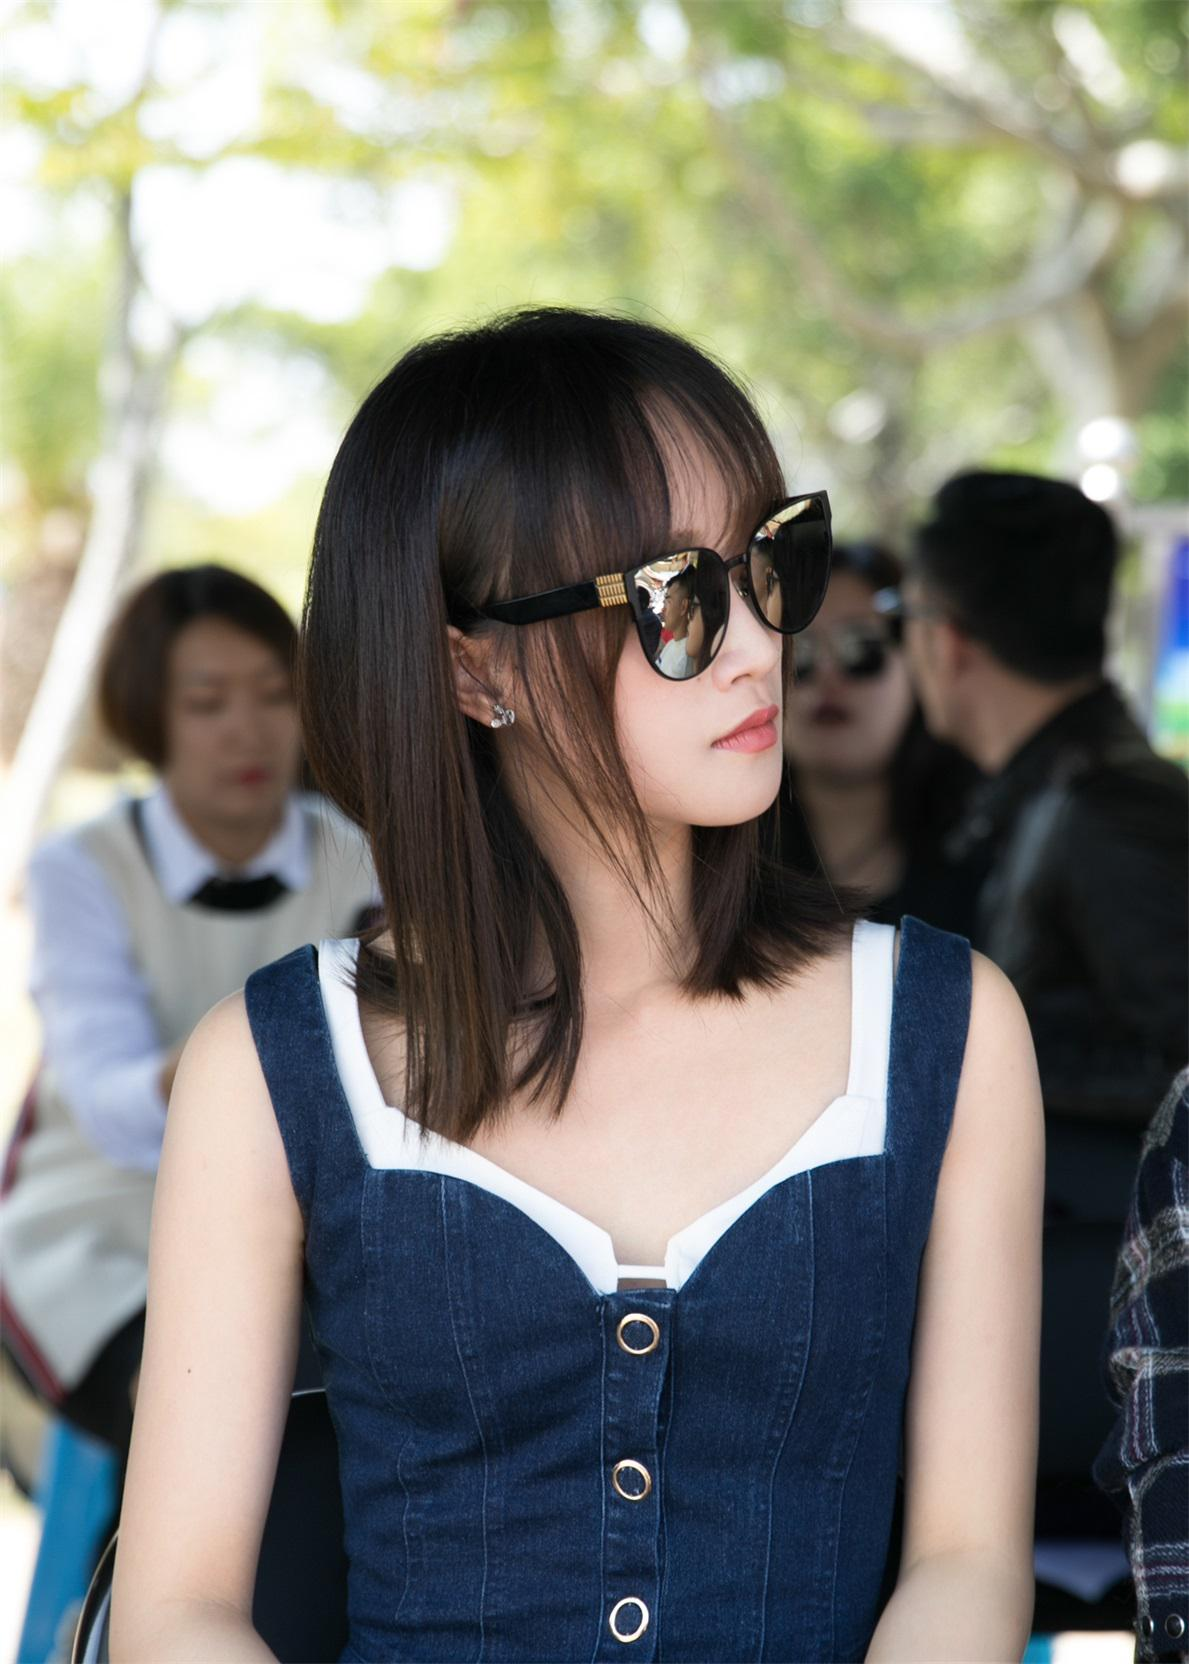 蓝盈莹加盟林超贤电影 角色神秘引众人好奇